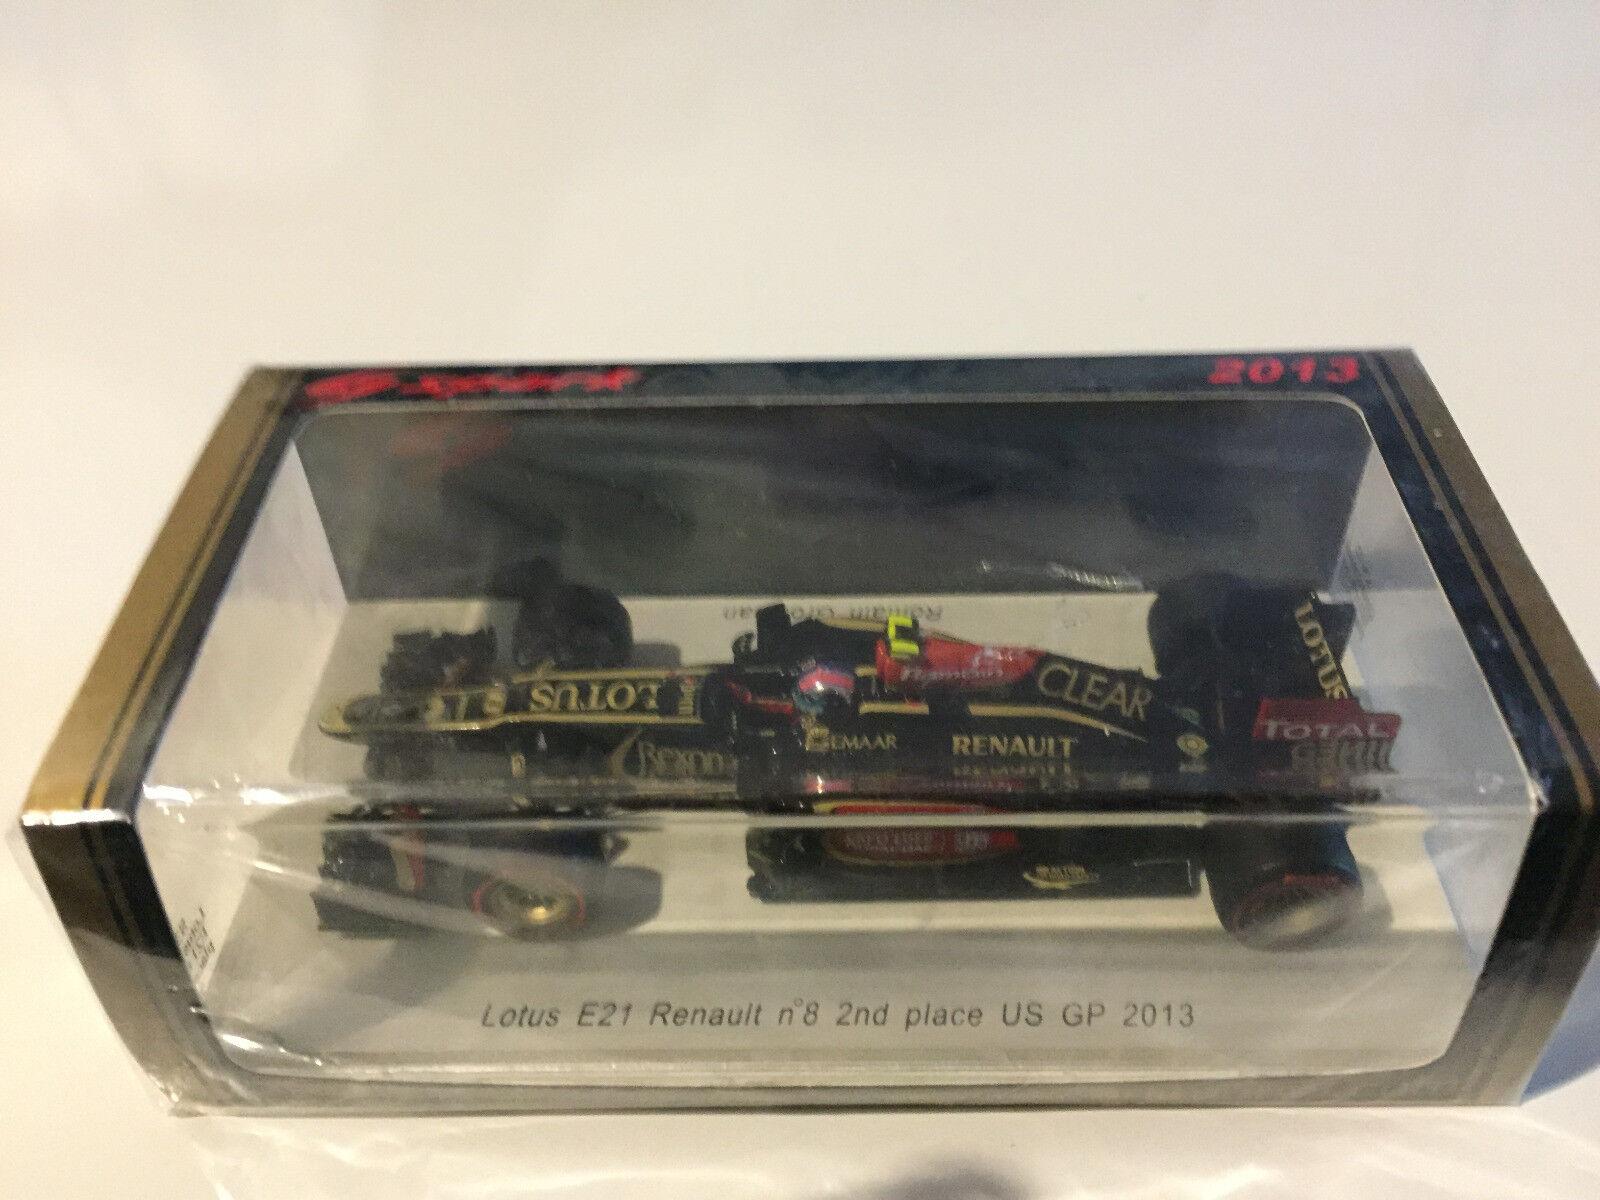 Lotus Renault E21 US GP 2013  Grosjean Spark 1 43  les clients d'abord